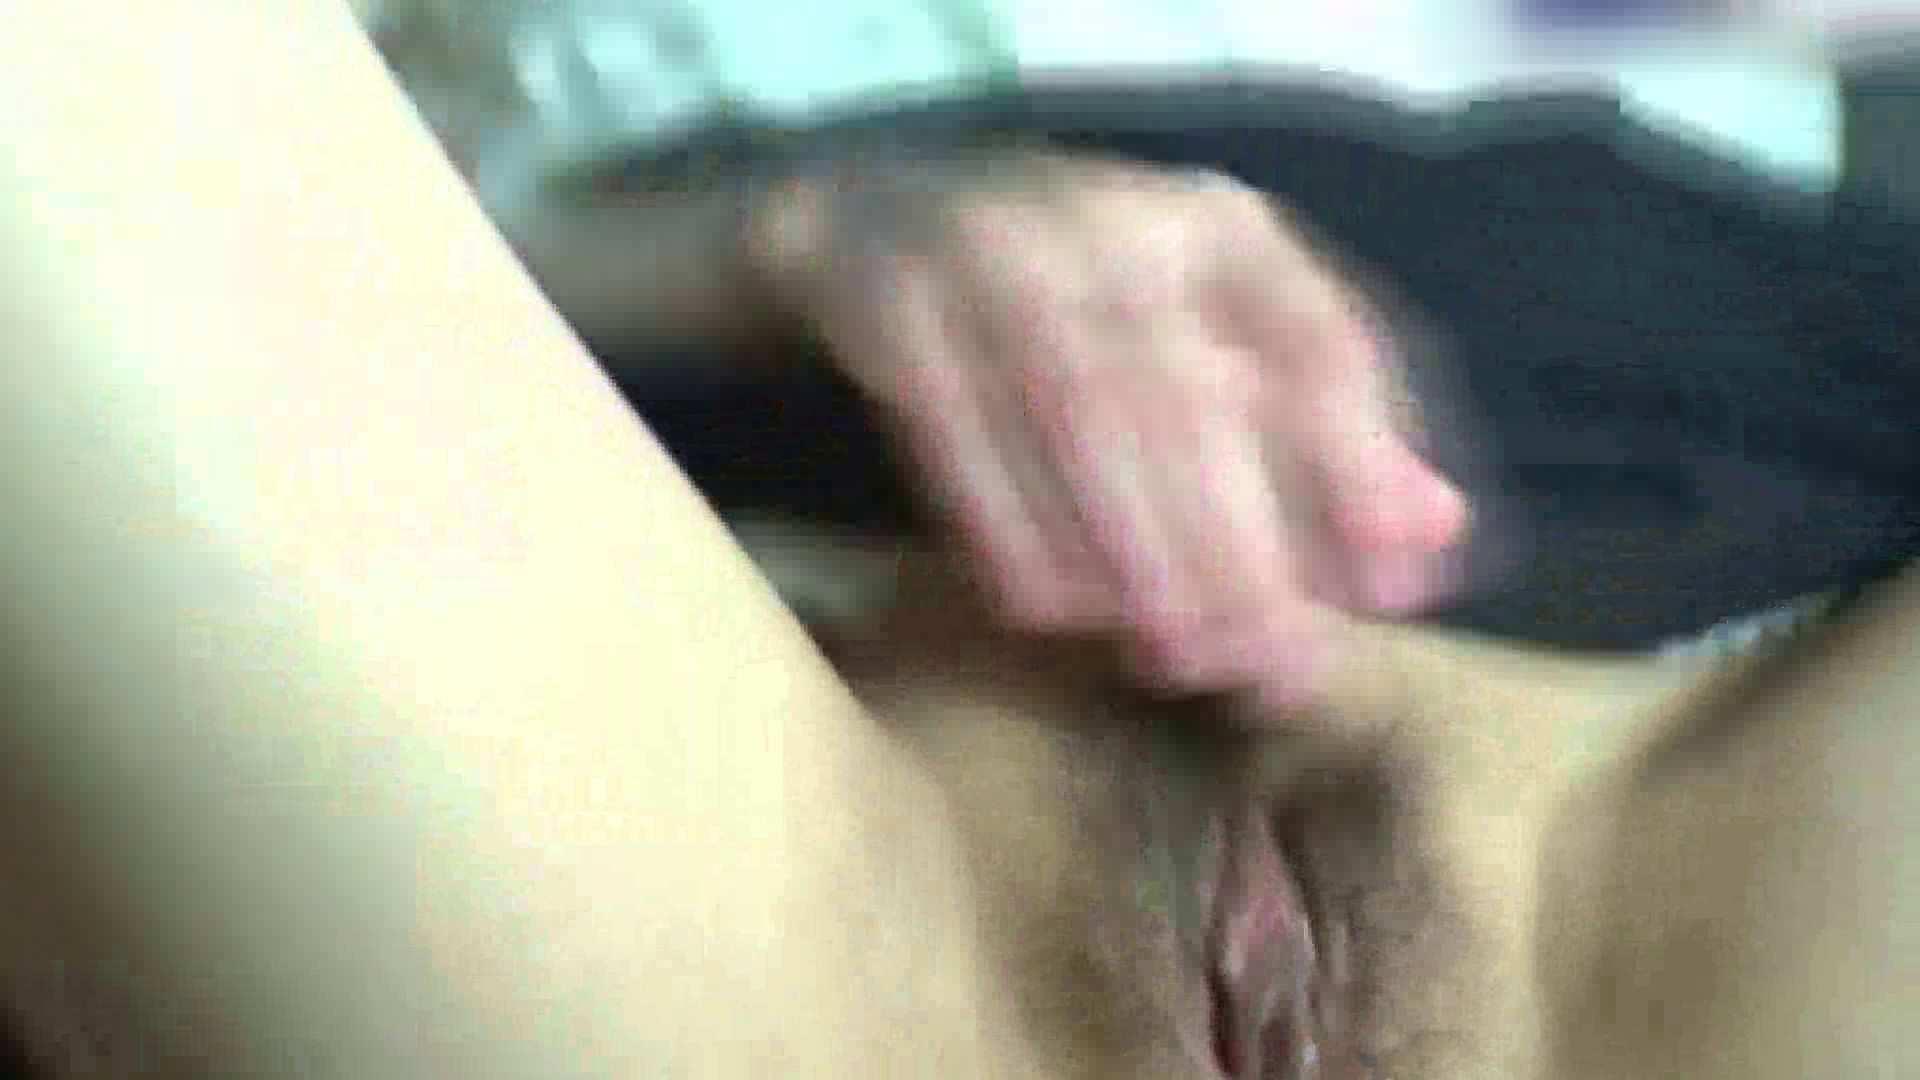 アヘ顔のわたしってどうかしら Vol.044 流出作品 オマンコ無修正動画無料 61pic 22